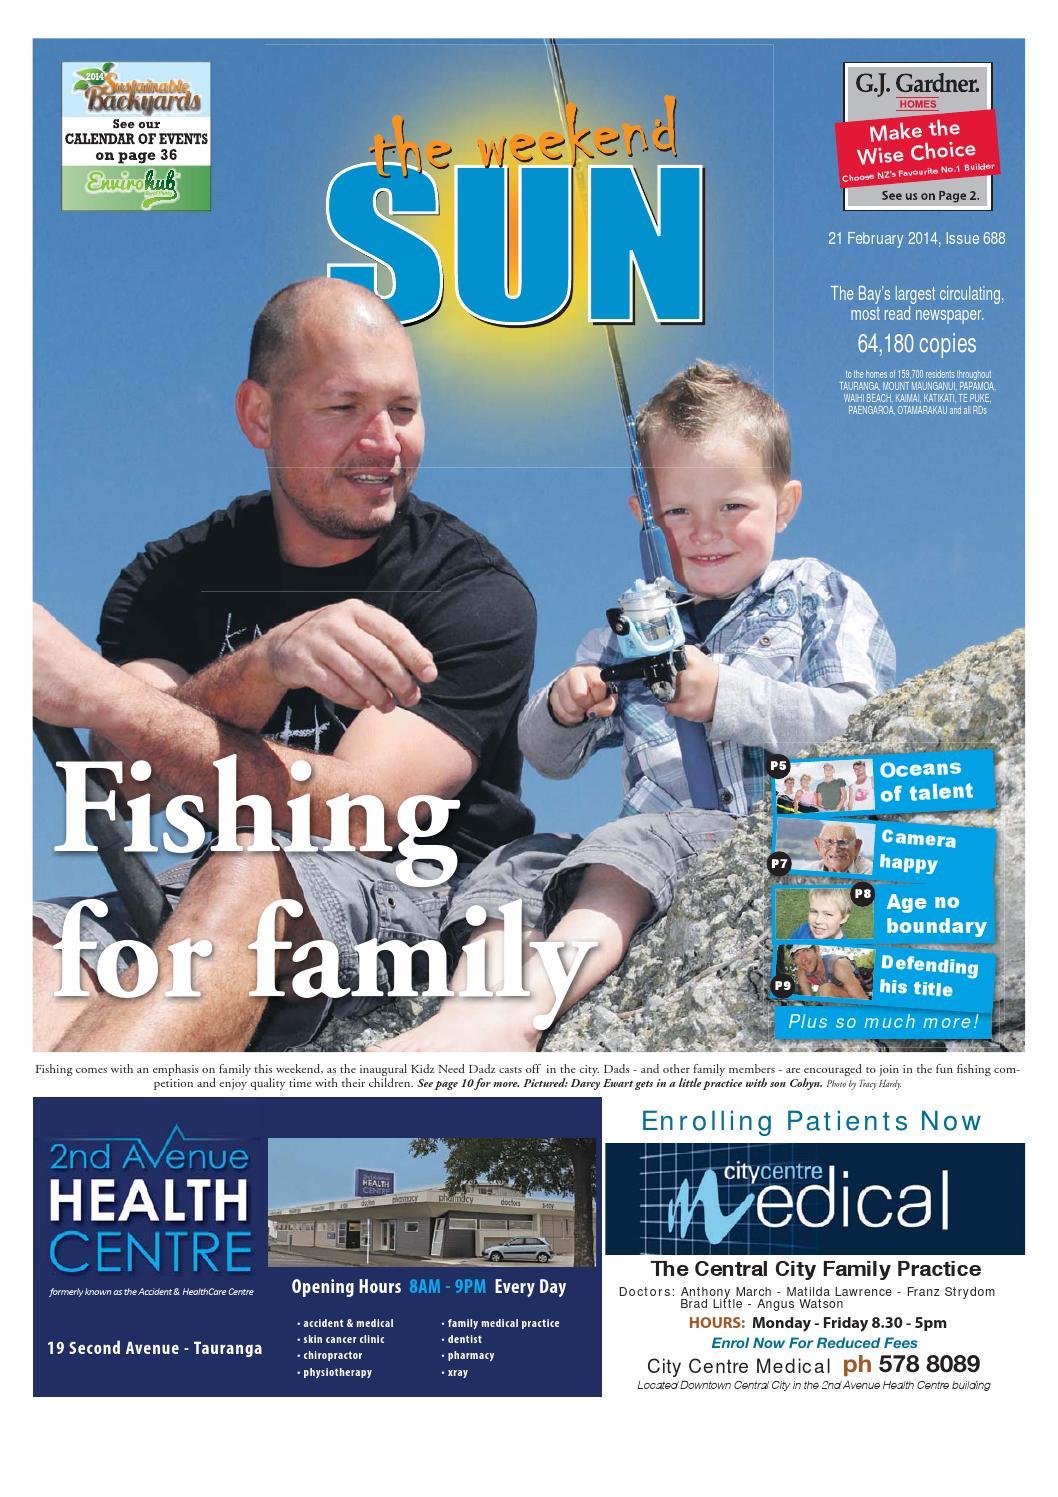 The Weeekend Sun 21 Feb 2014